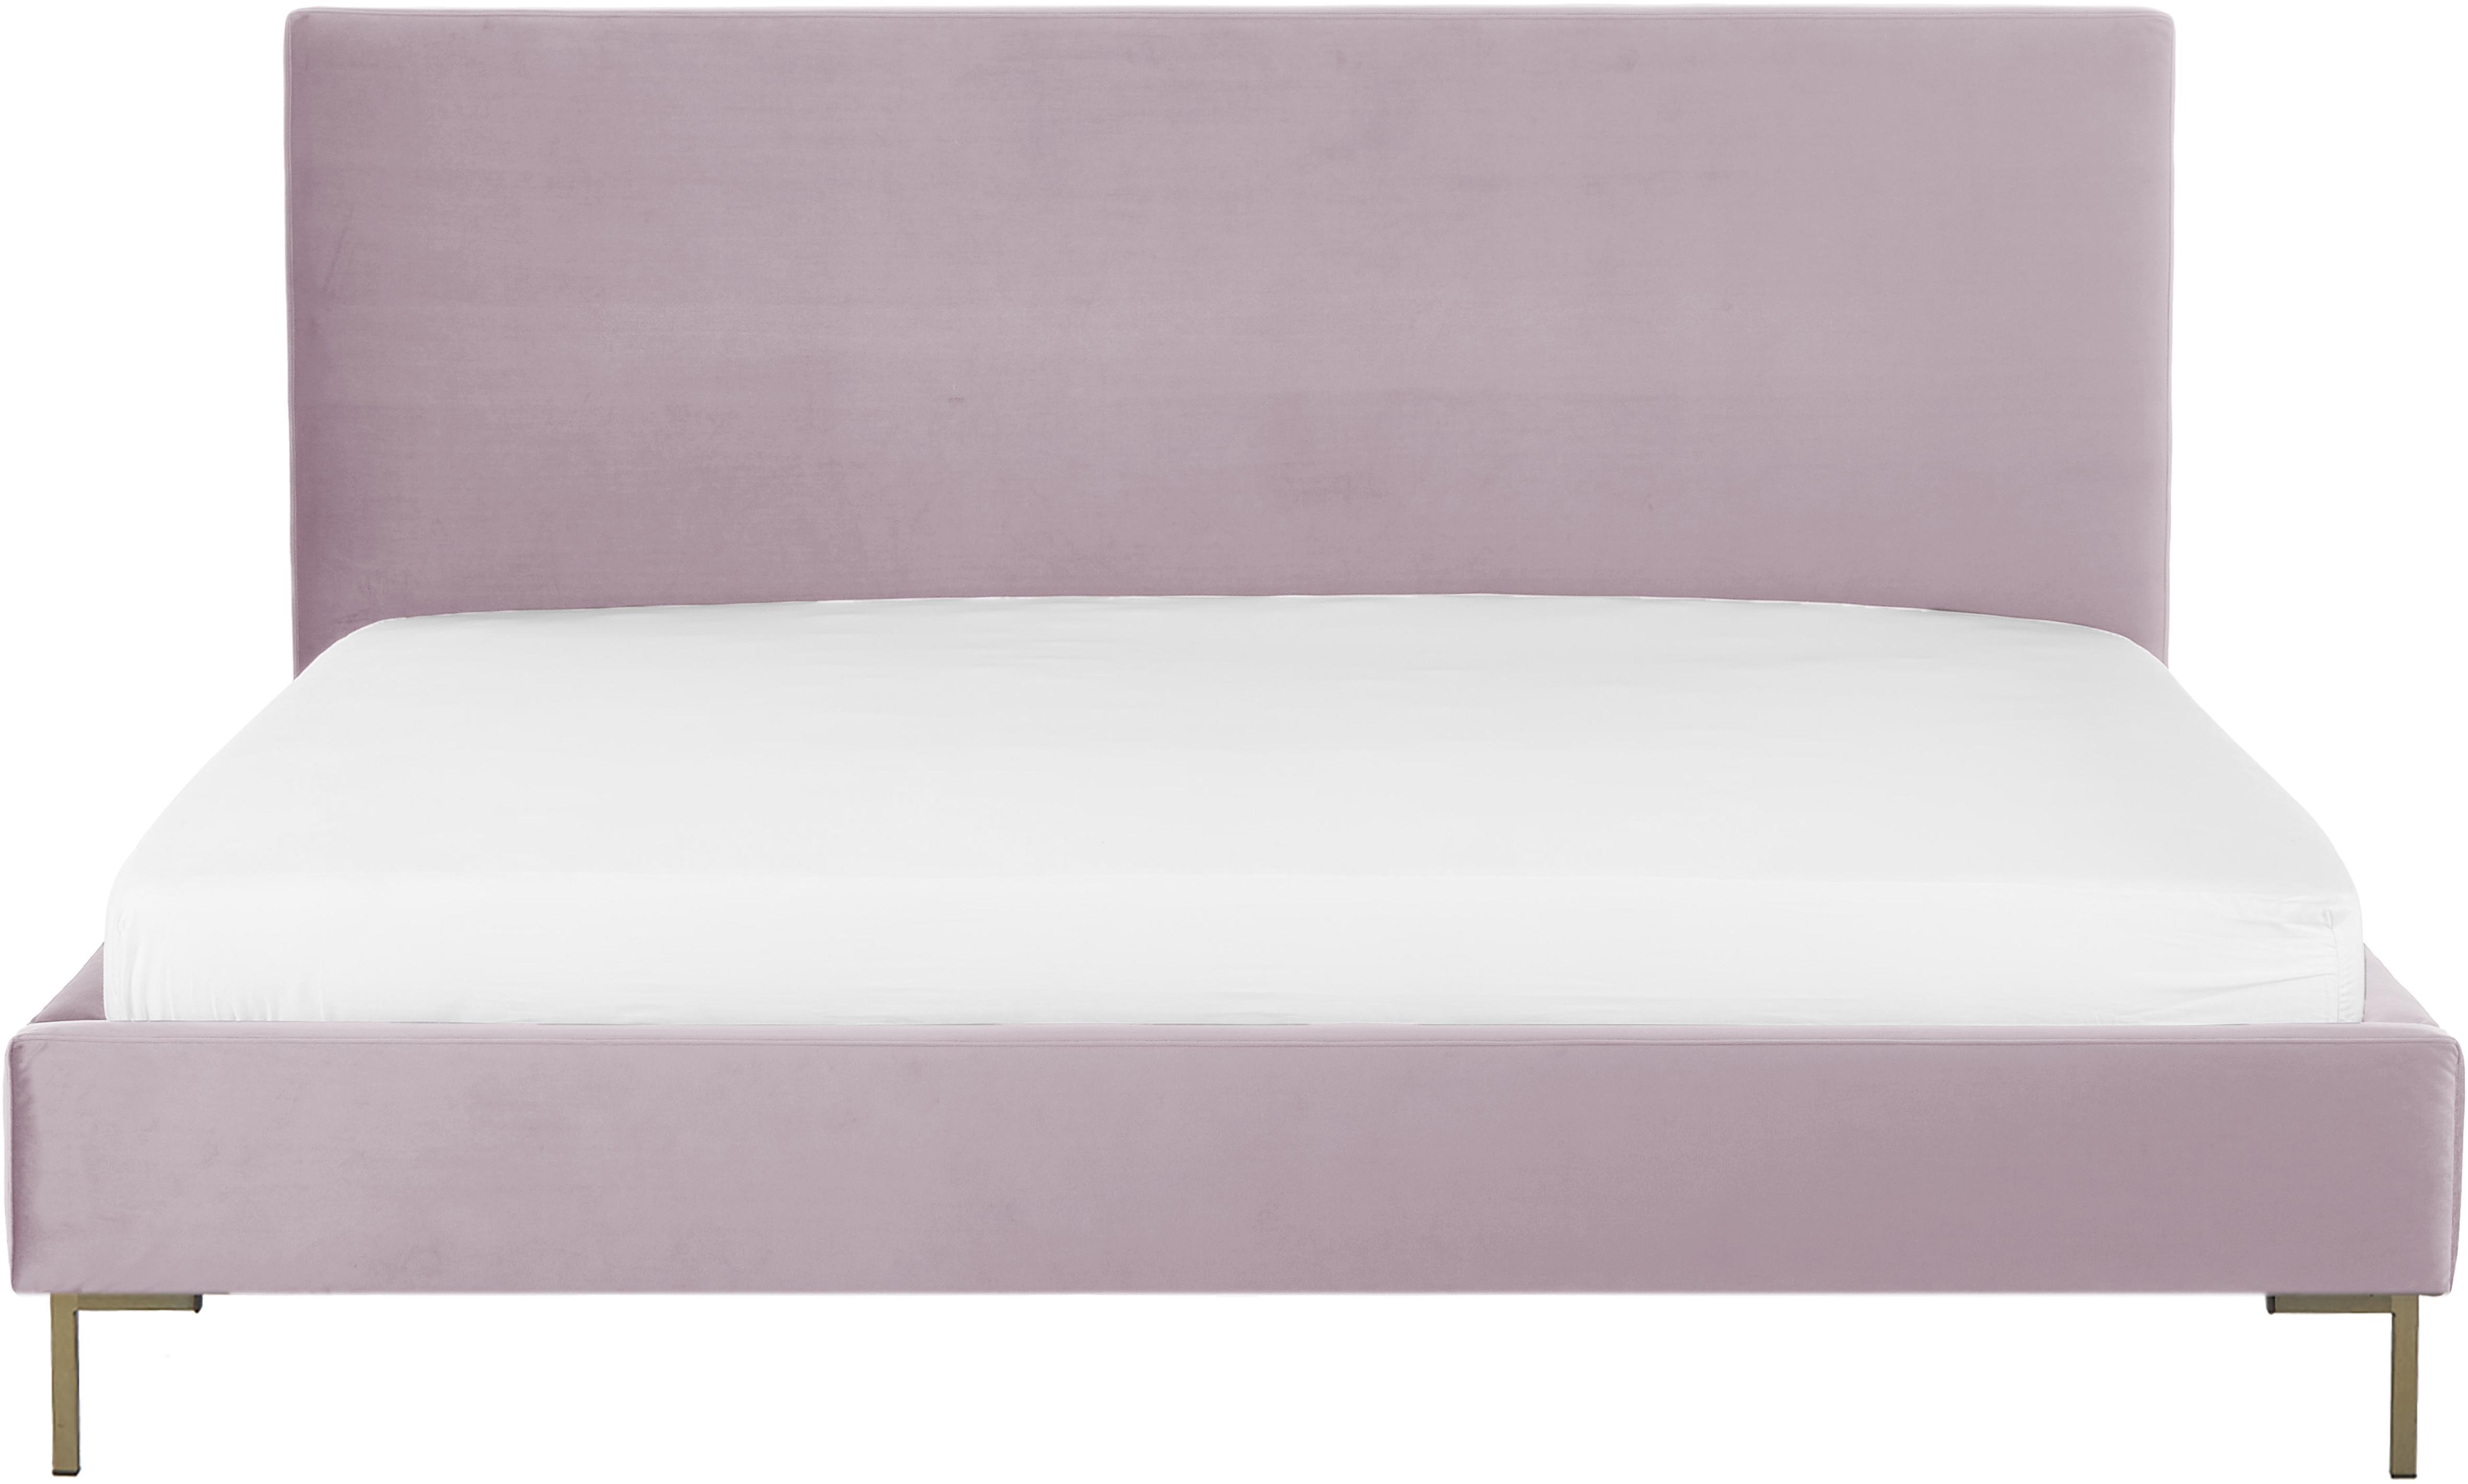 Fluwelen gestoffeerd bed Peace, Frame: massief grenenhout, Poten: gepoedercoat metaal, Bekleding: polyester fluweel, Mauve, 180 x 200 cm